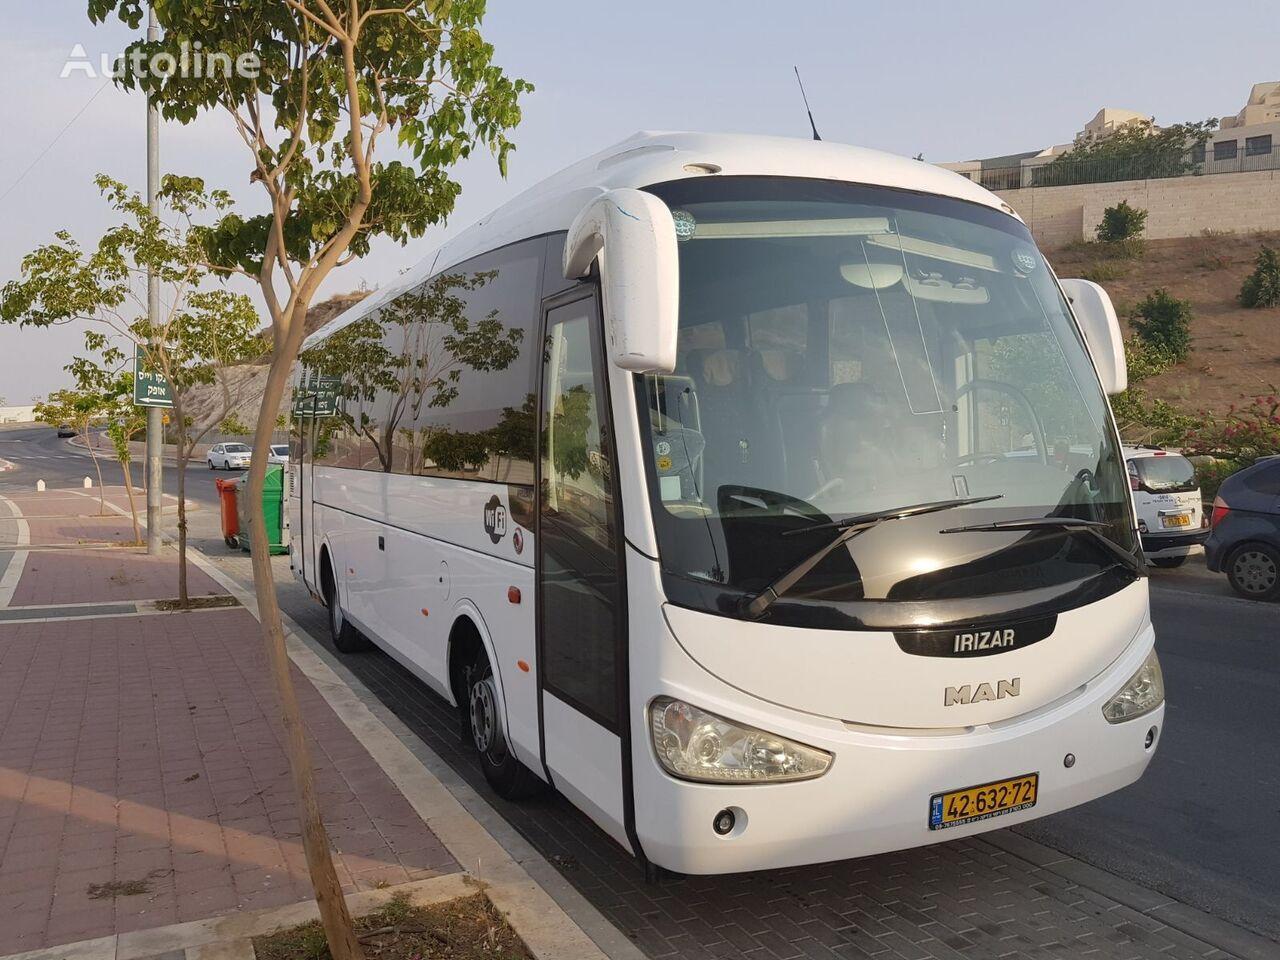 turistický autobus MAN IRIZAR 5 BUSES FOR SALE